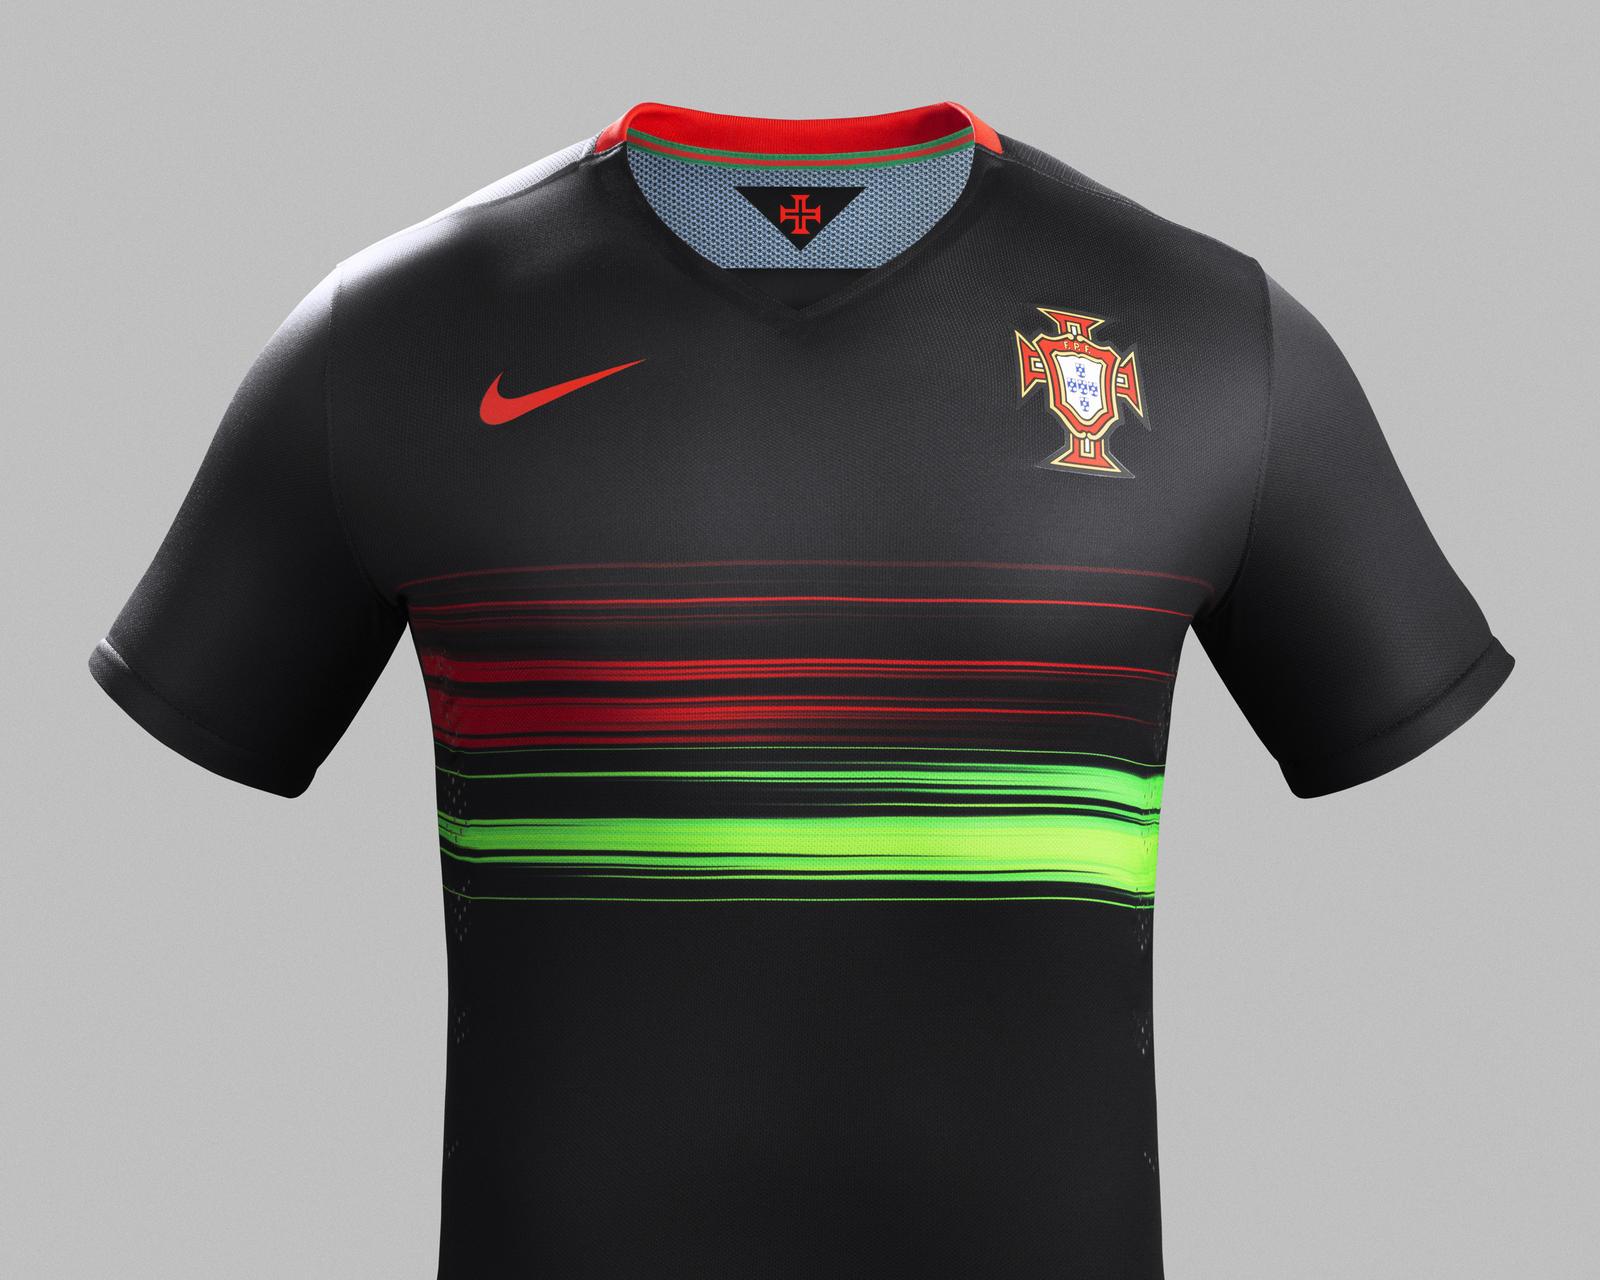 nouveaux maillots away du portugal et des pays bas nike. Black Bedroom Furniture Sets. Home Design Ideas